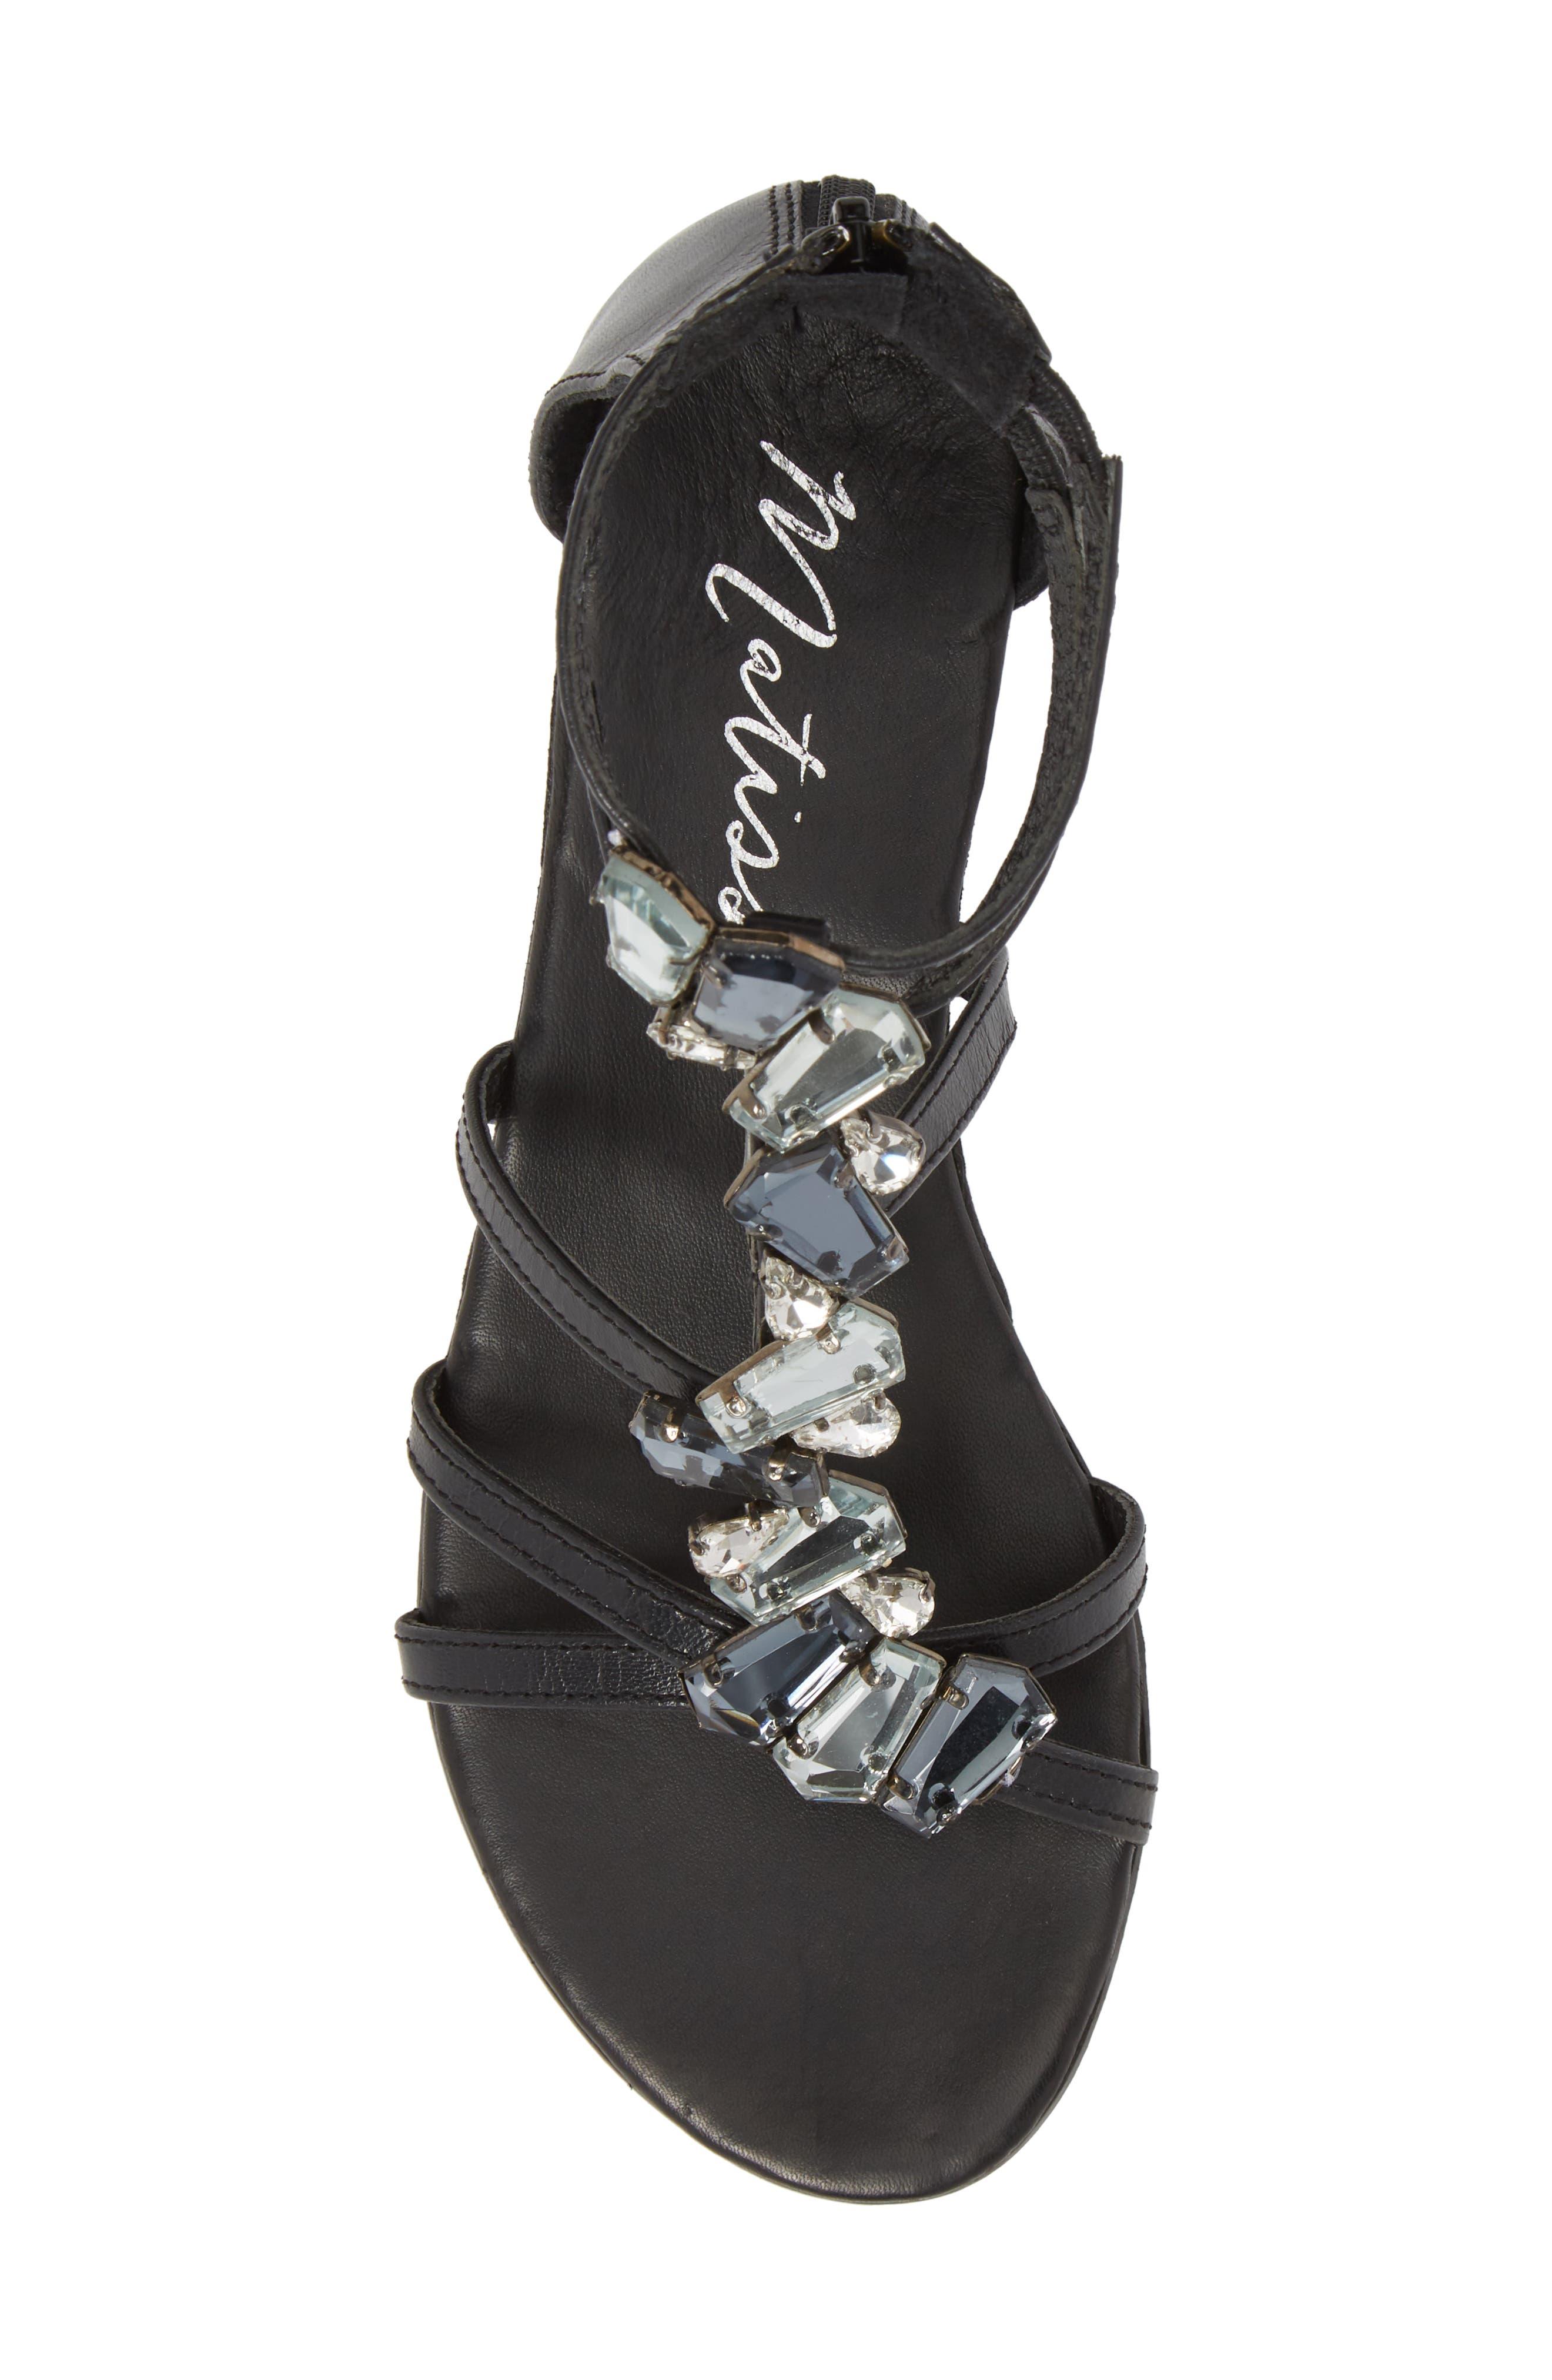 Didi Crystal Embellished Sandal,                             Alternate thumbnail 5, color,                             BLACK LEATHER